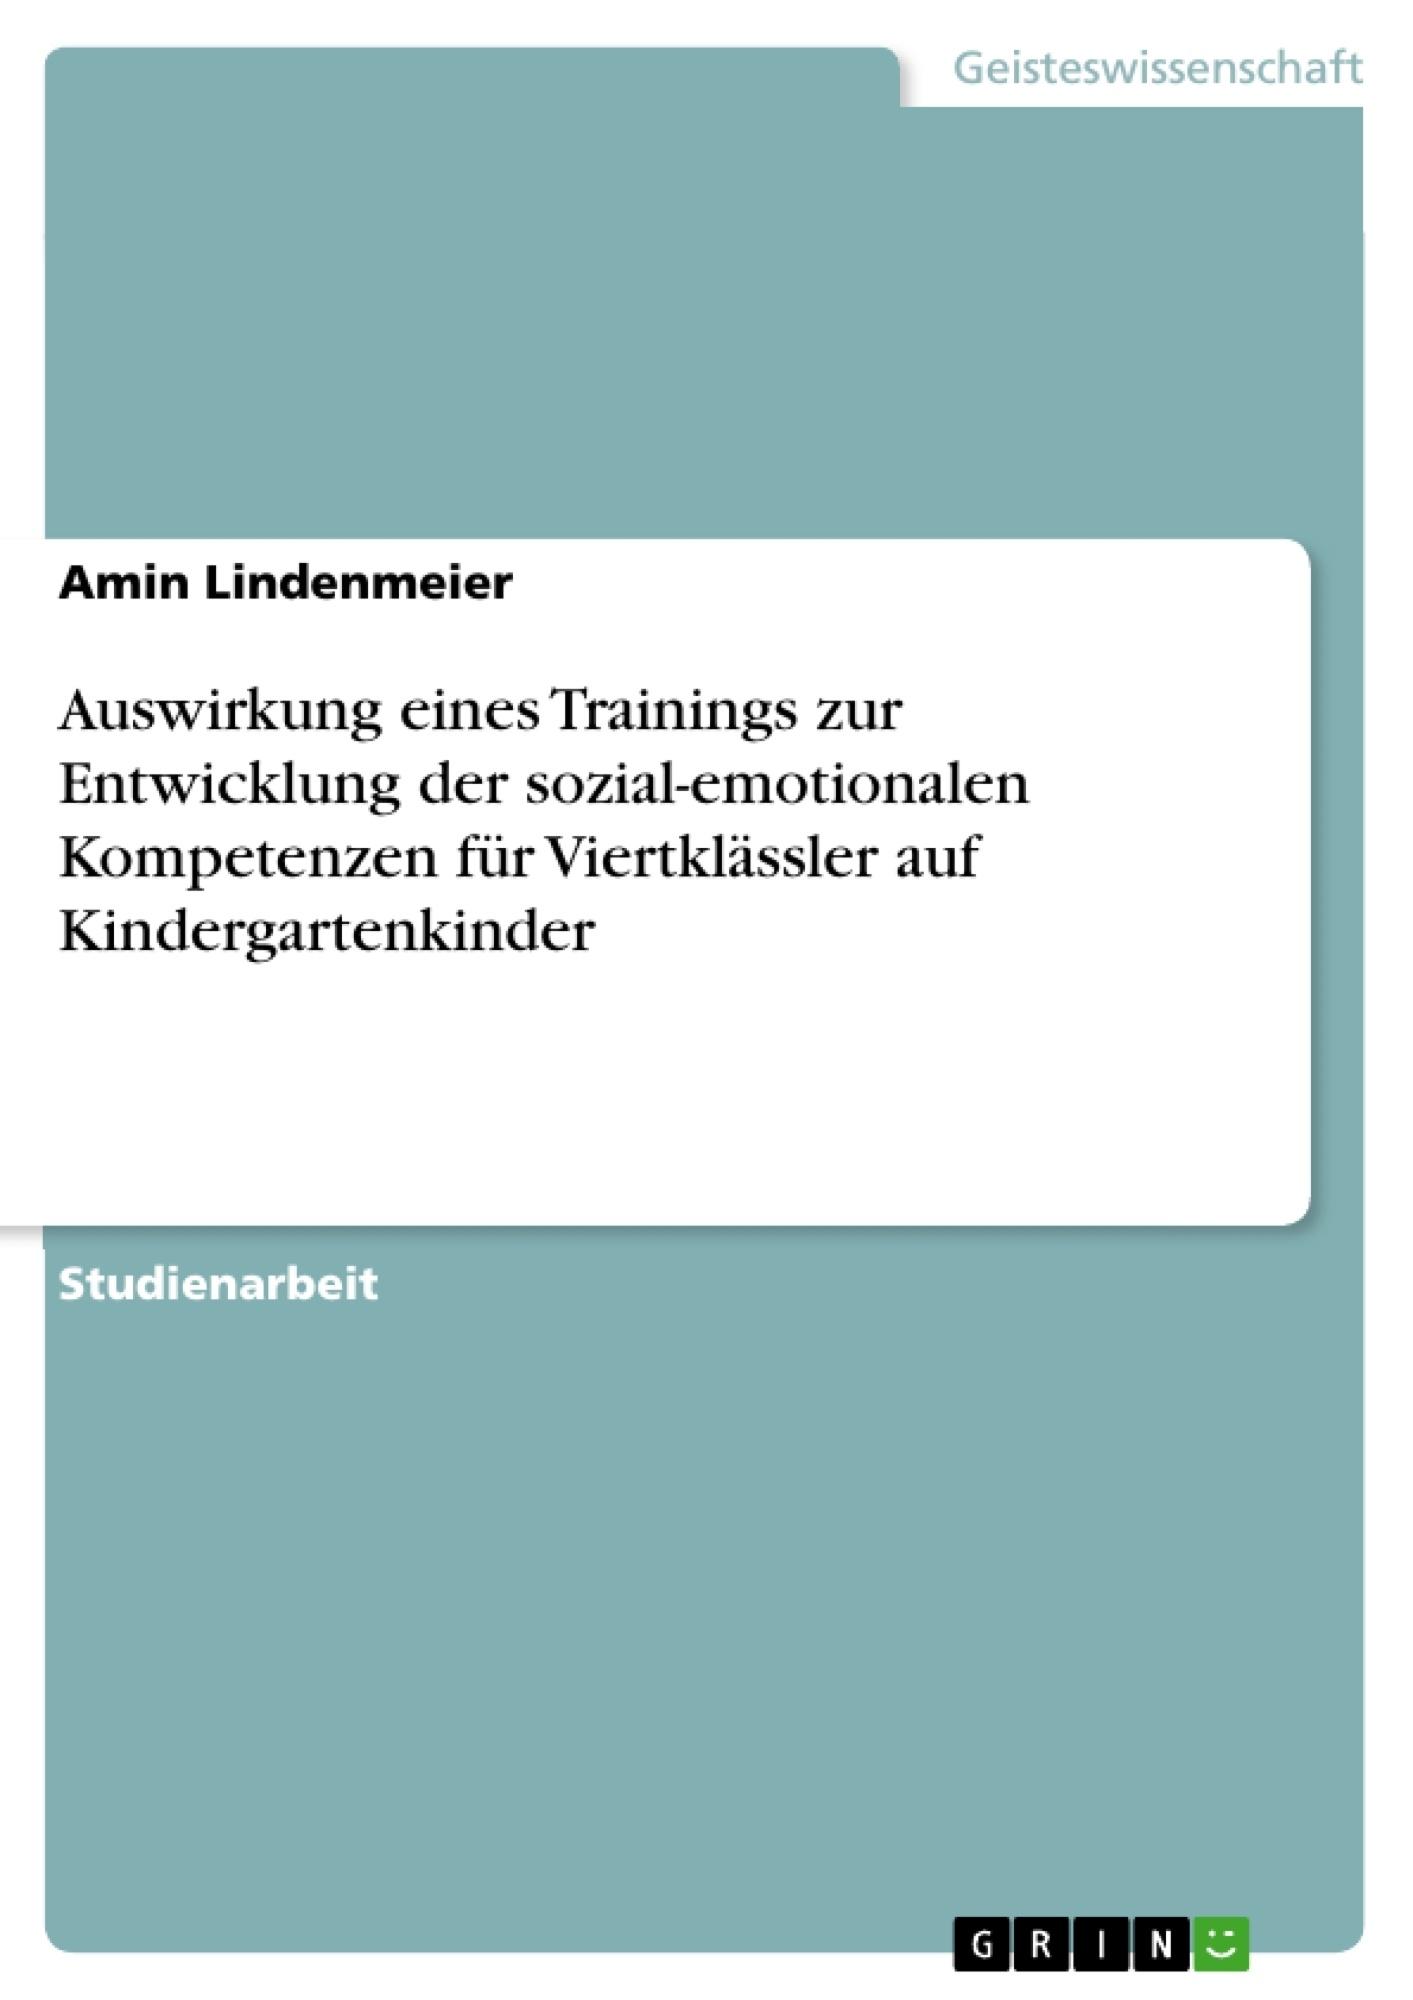 Titel: Auswirkung eines Trainings zur Entwicklung der sozial-emotionalen Kompetenzen für Viertklässler auf Kindergartenkinder